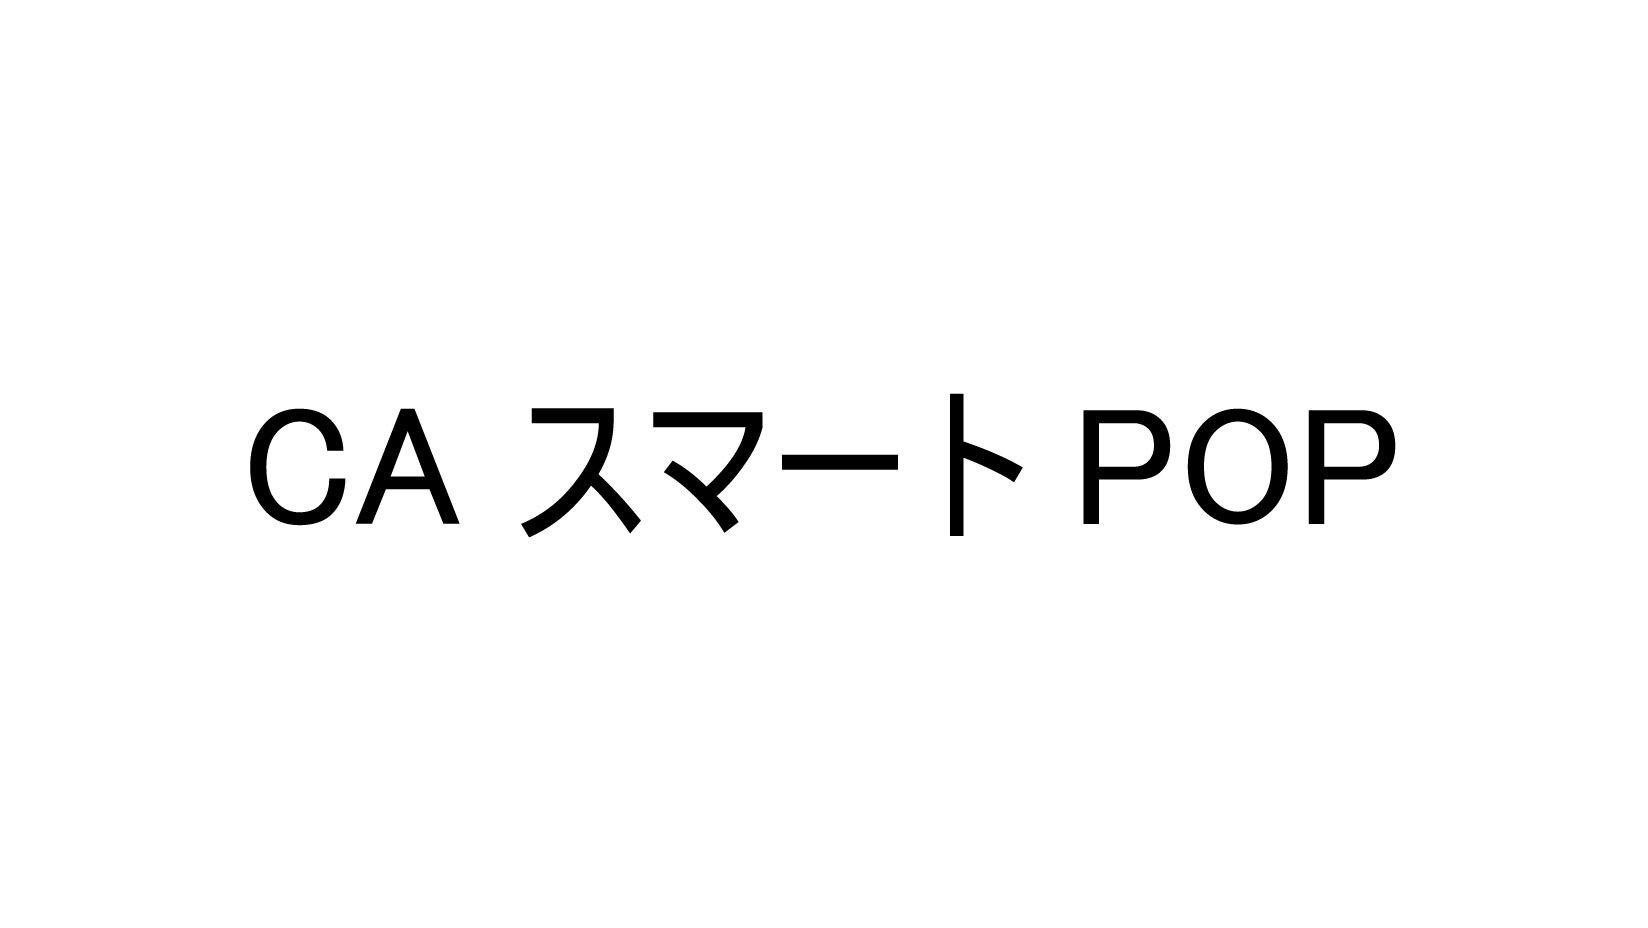 ca_smart_pop